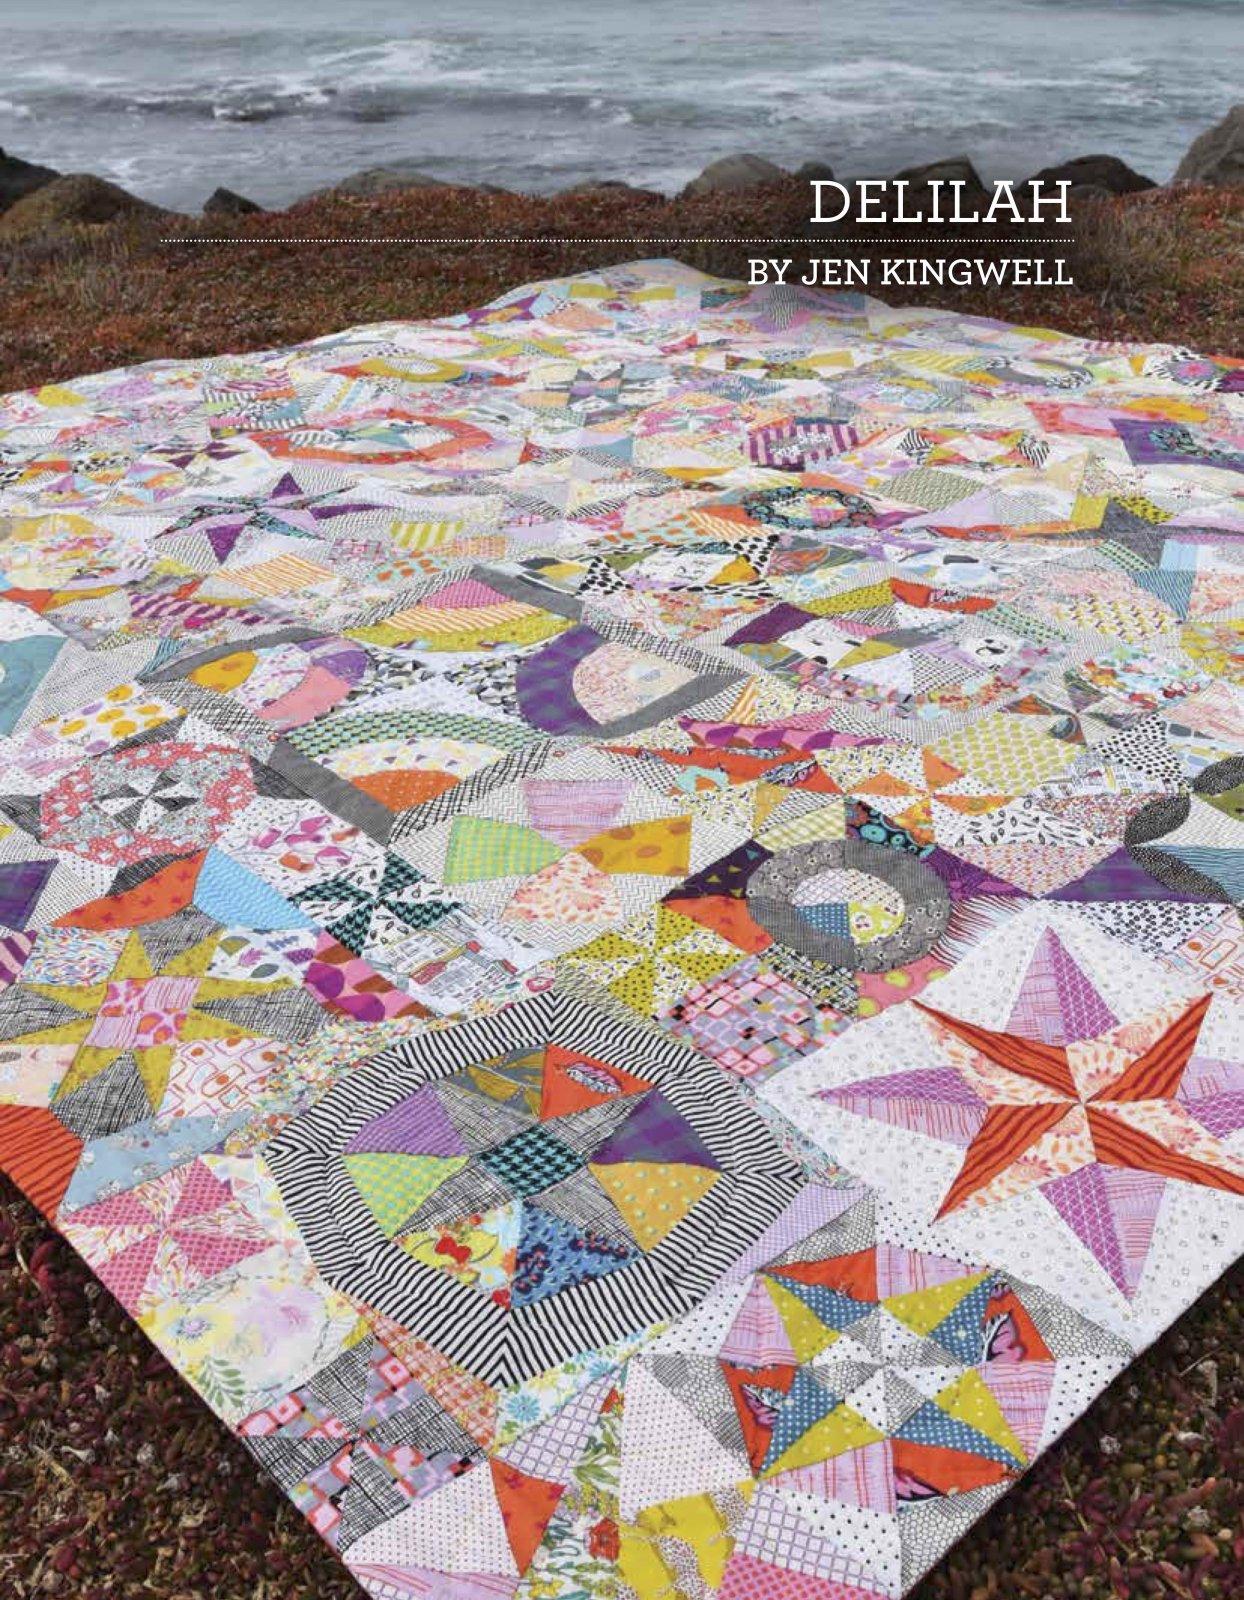 Delilah Booklet by Jen Kingwell